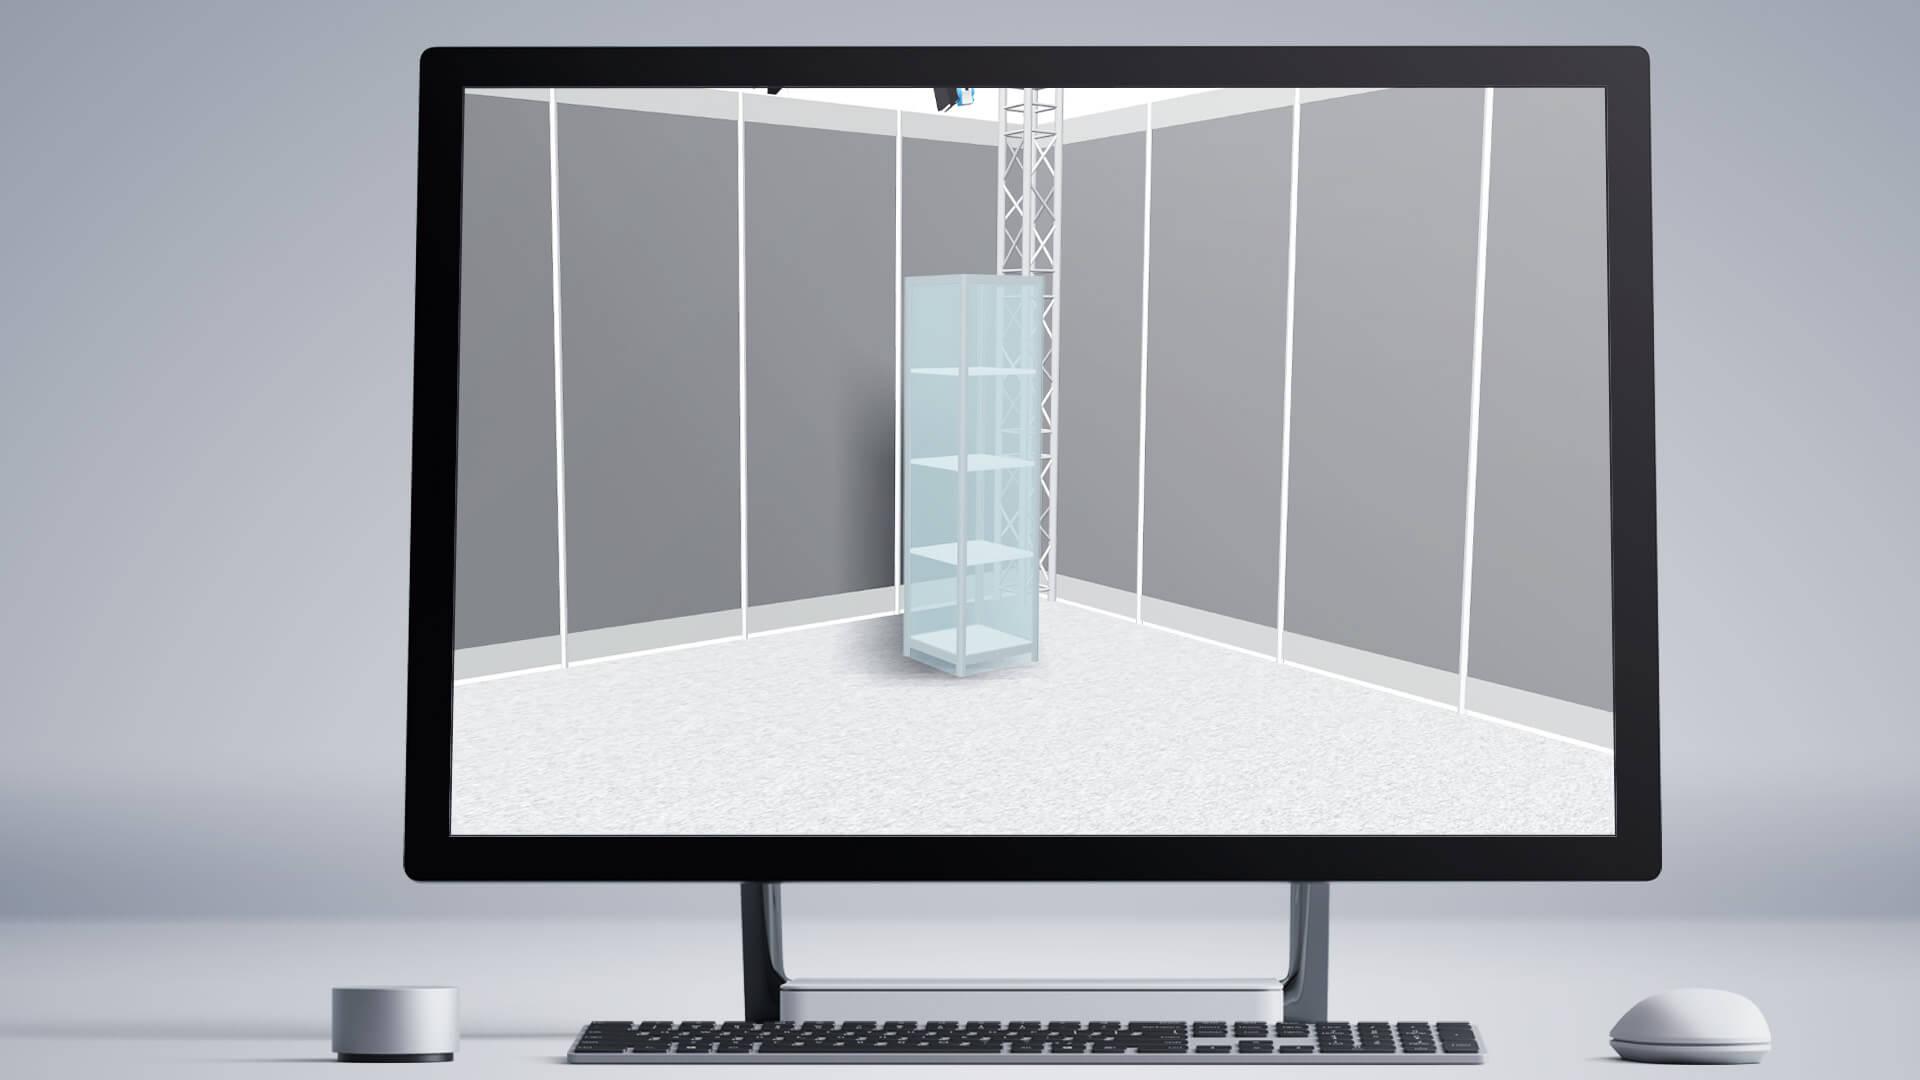 Messekonfigurator 3D Innen